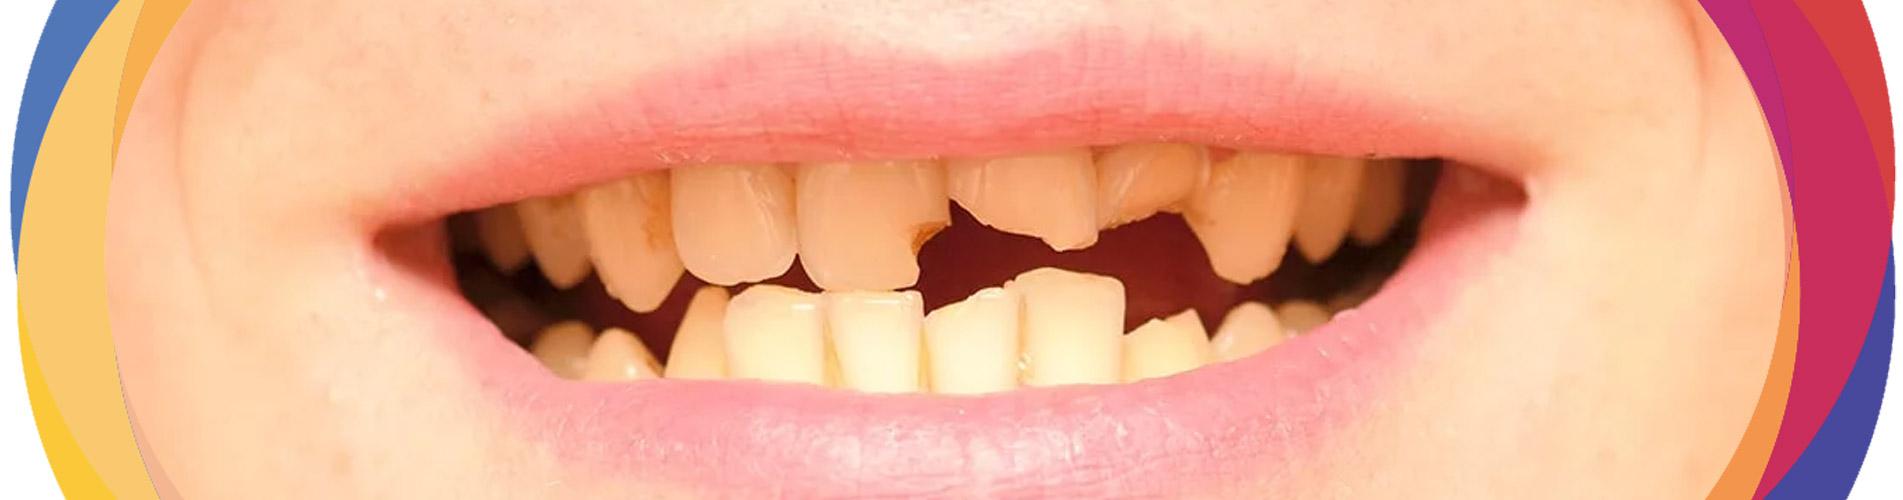 Broken Cracked Tooth